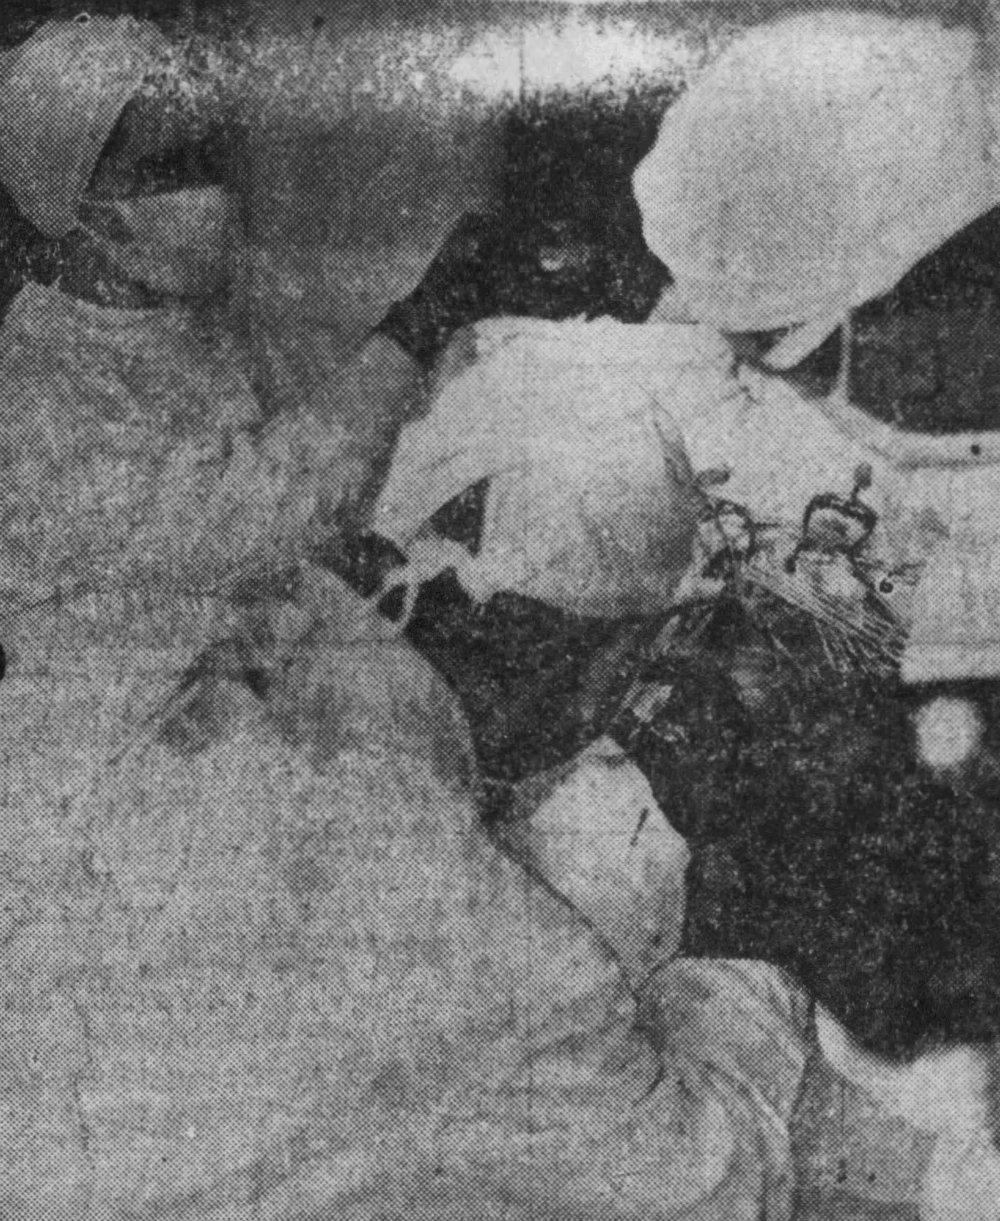 The Press Democrat (Santa Rosa, California), 14 April 1949, p. 5.